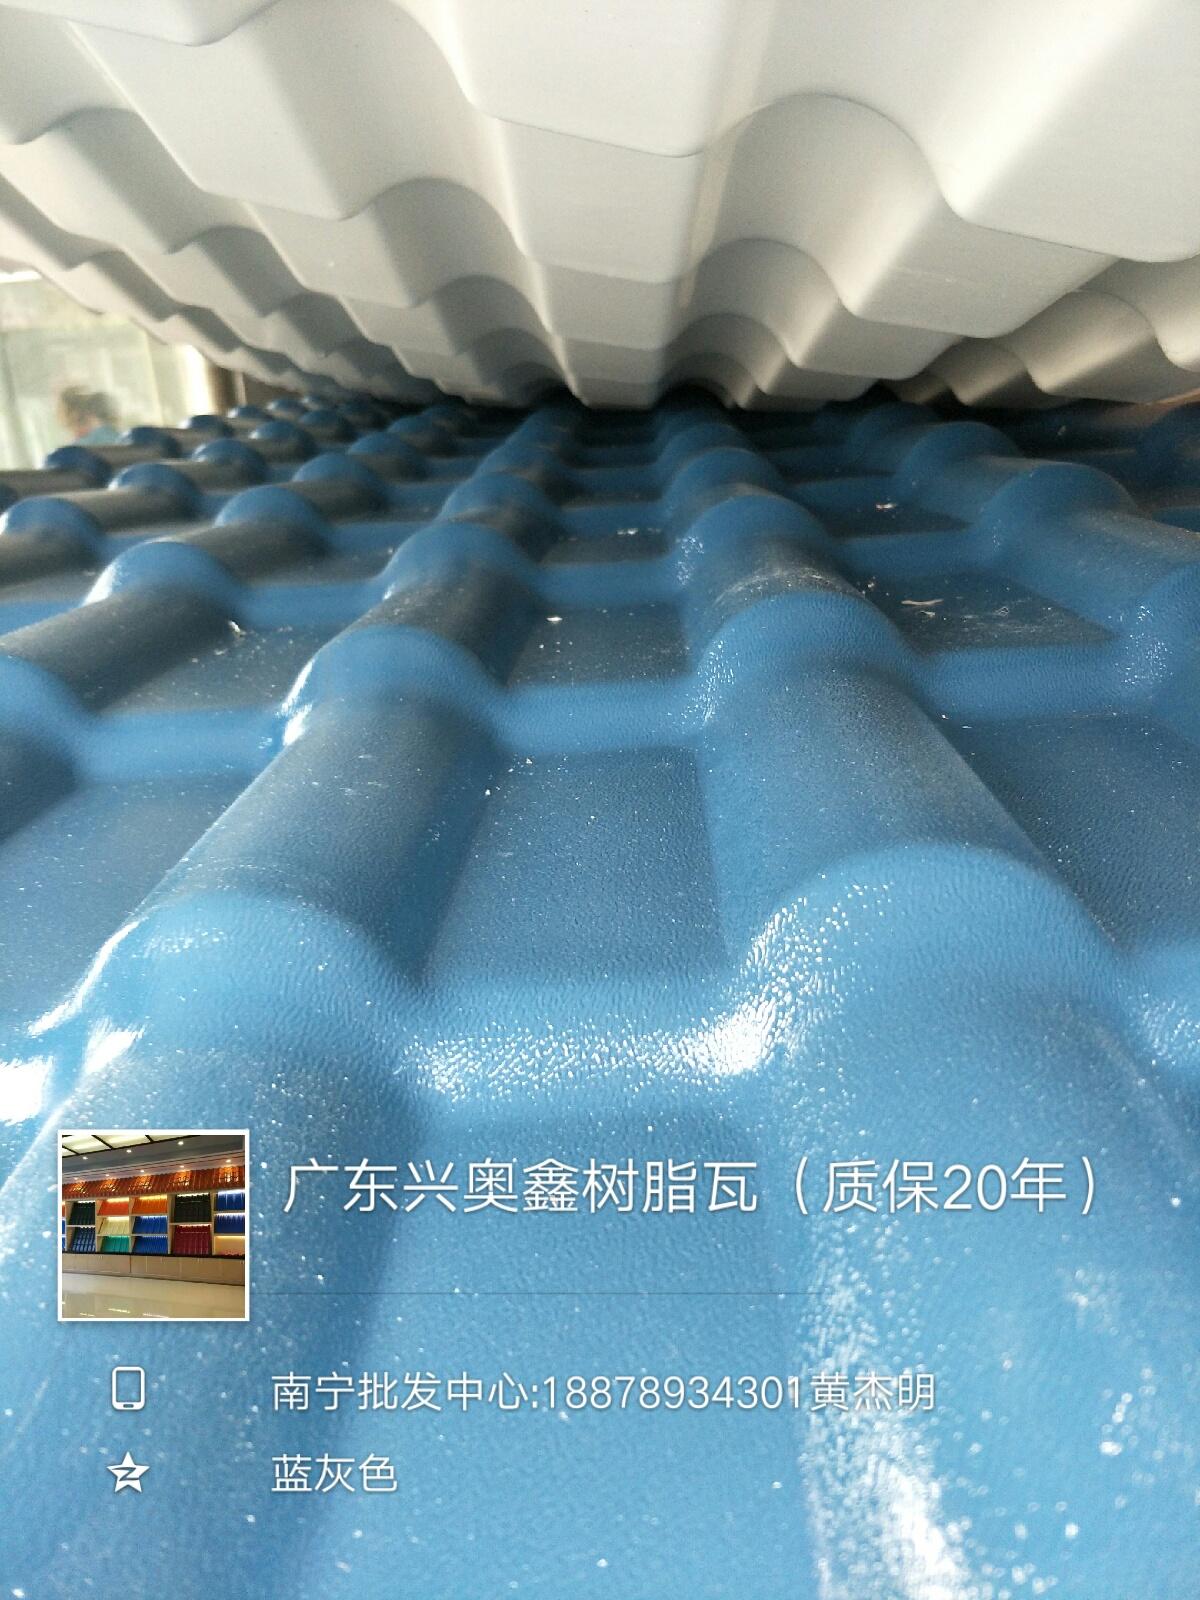 湖南合成樹脂瓦,湖南合成樹脂瓦廠家直銷,湖南合成樹脂瓦批發